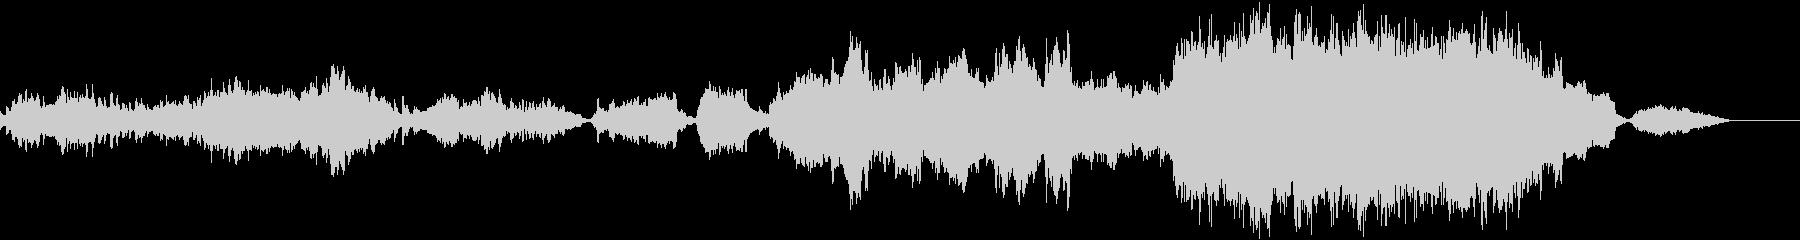 感動的なオーケストラ1の未再生の波形